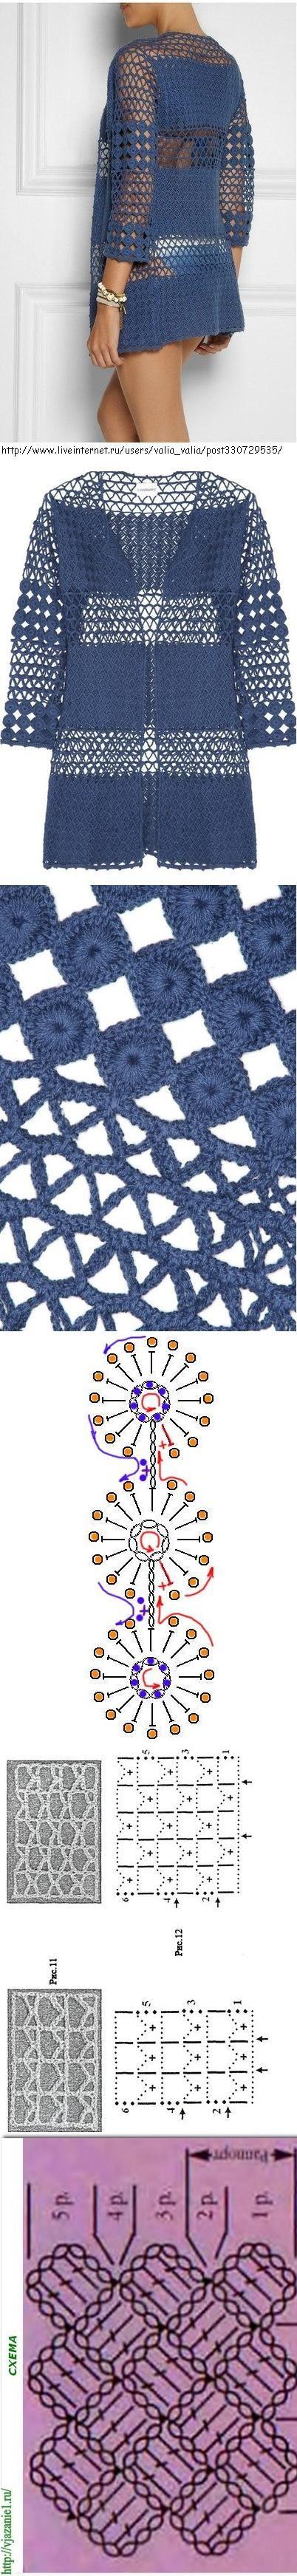 Túnica azul em Crochet